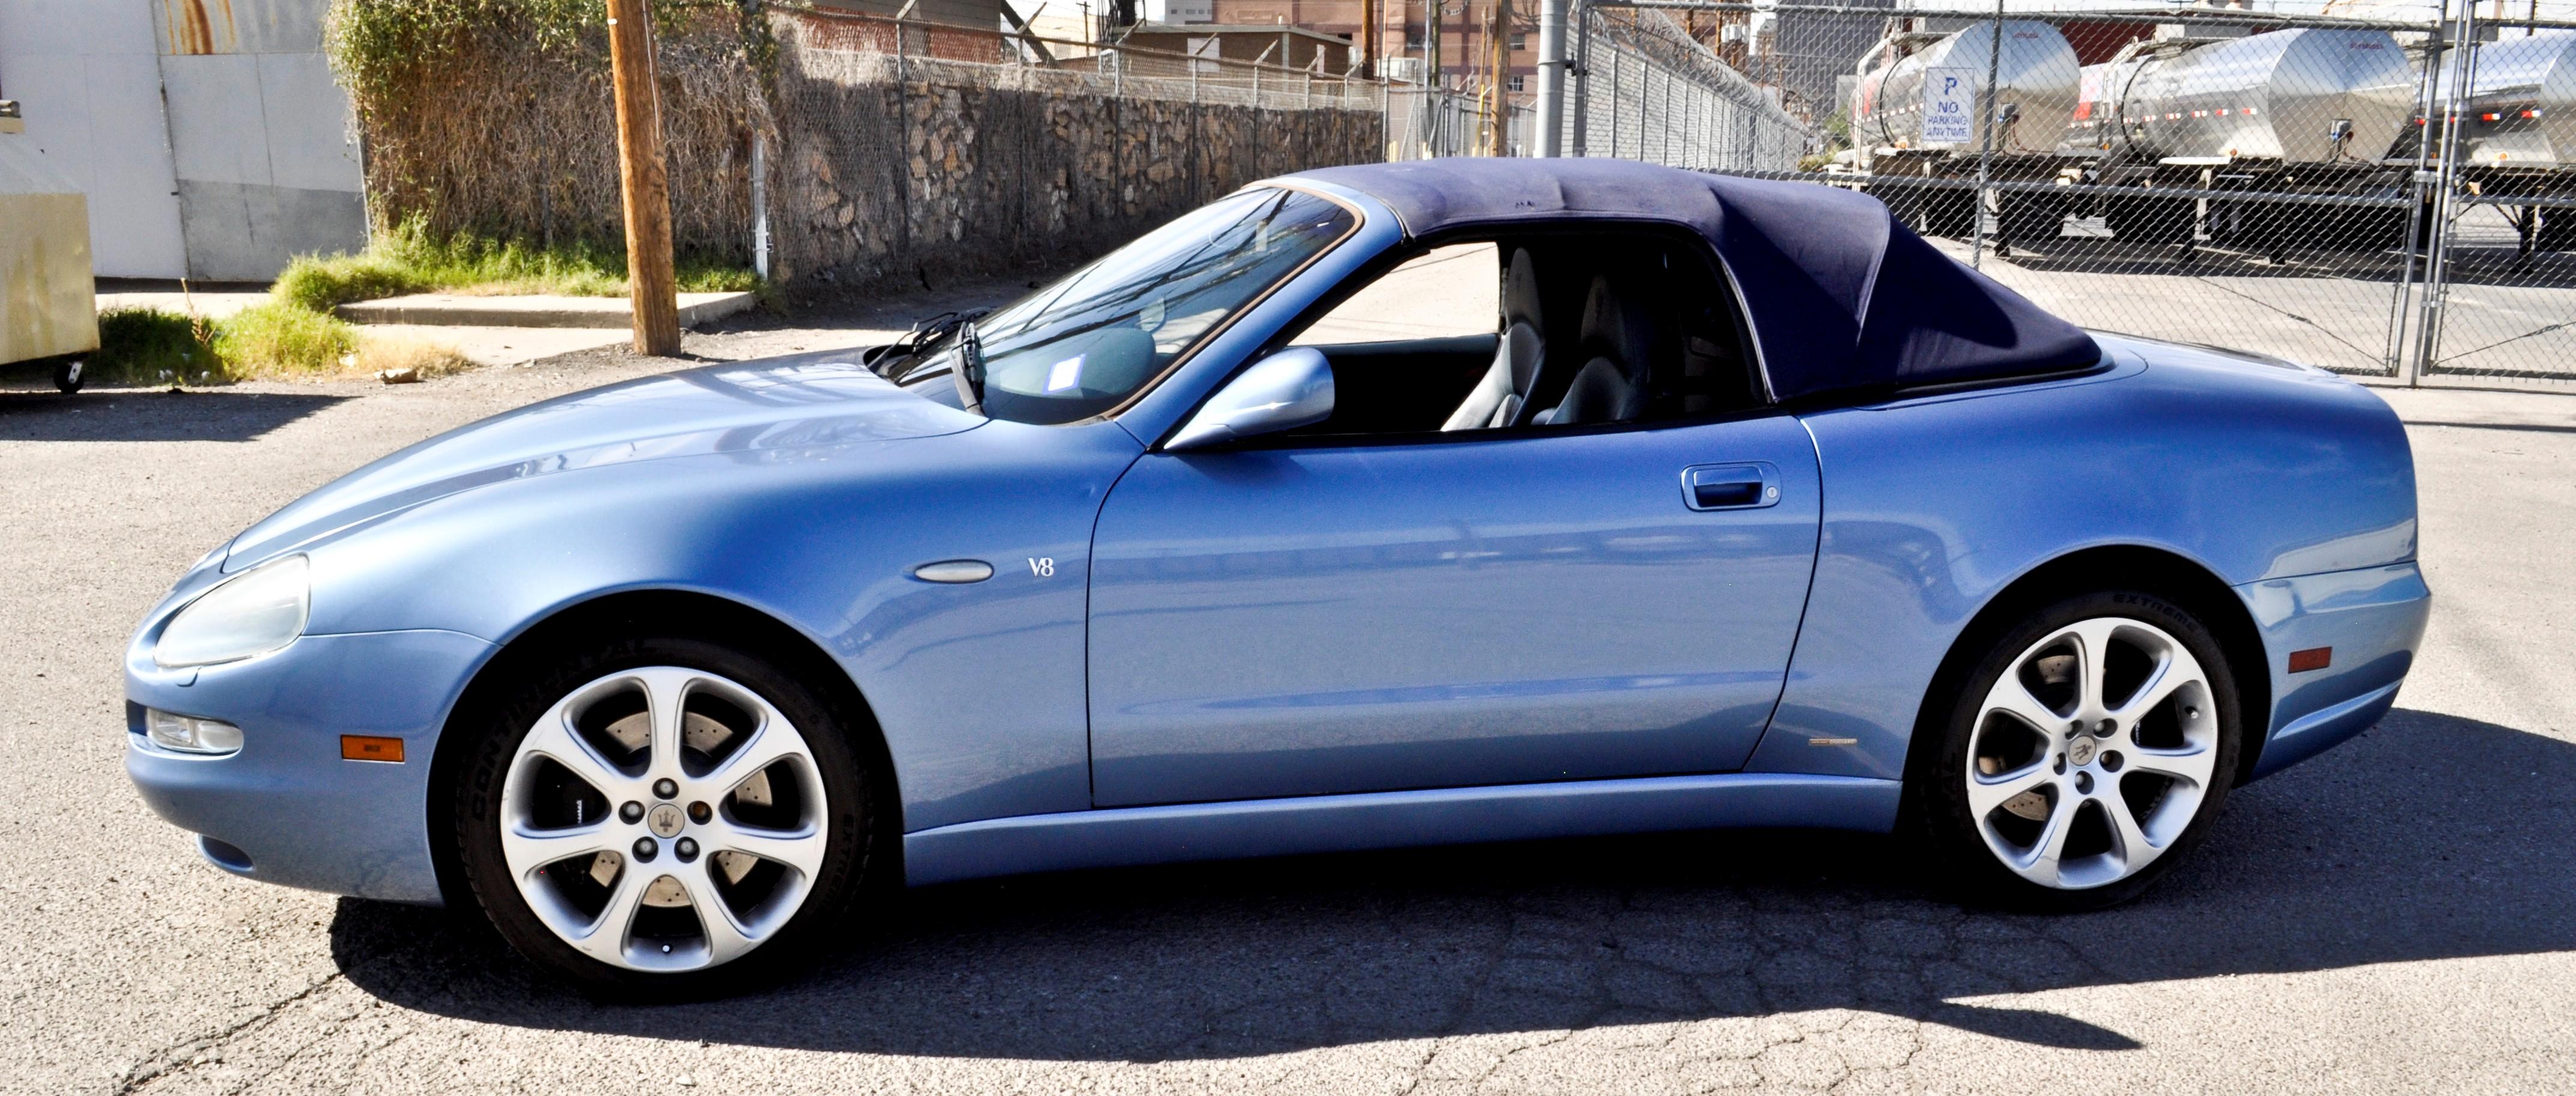 2003 Maserati S38